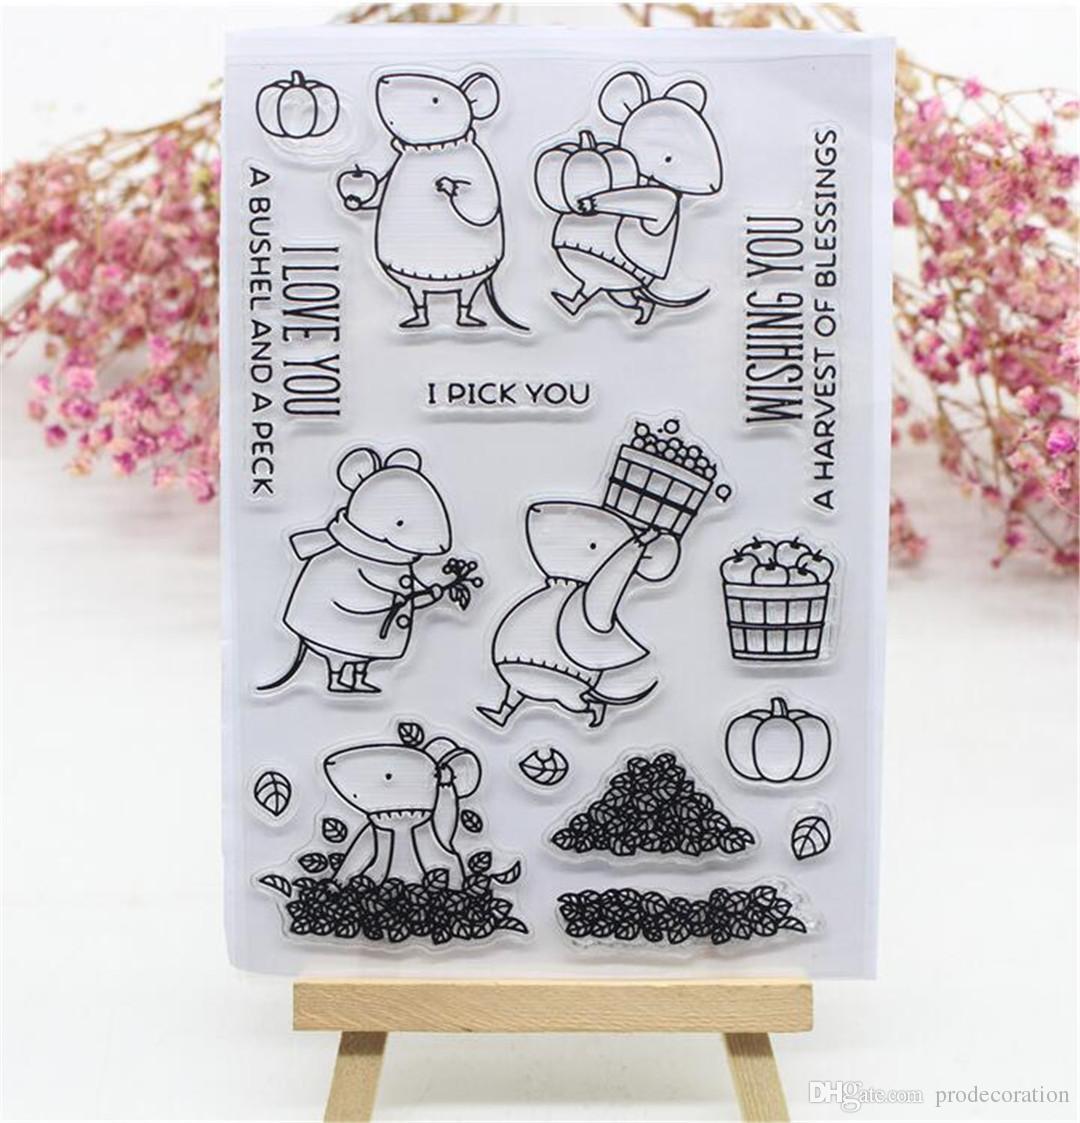 Creativo Lovely Mouse Bear Mouse Topolino trasparente in silicone trasparente / sigillo album di scrapbooking / foto fai da te Fogli decorativi timbri